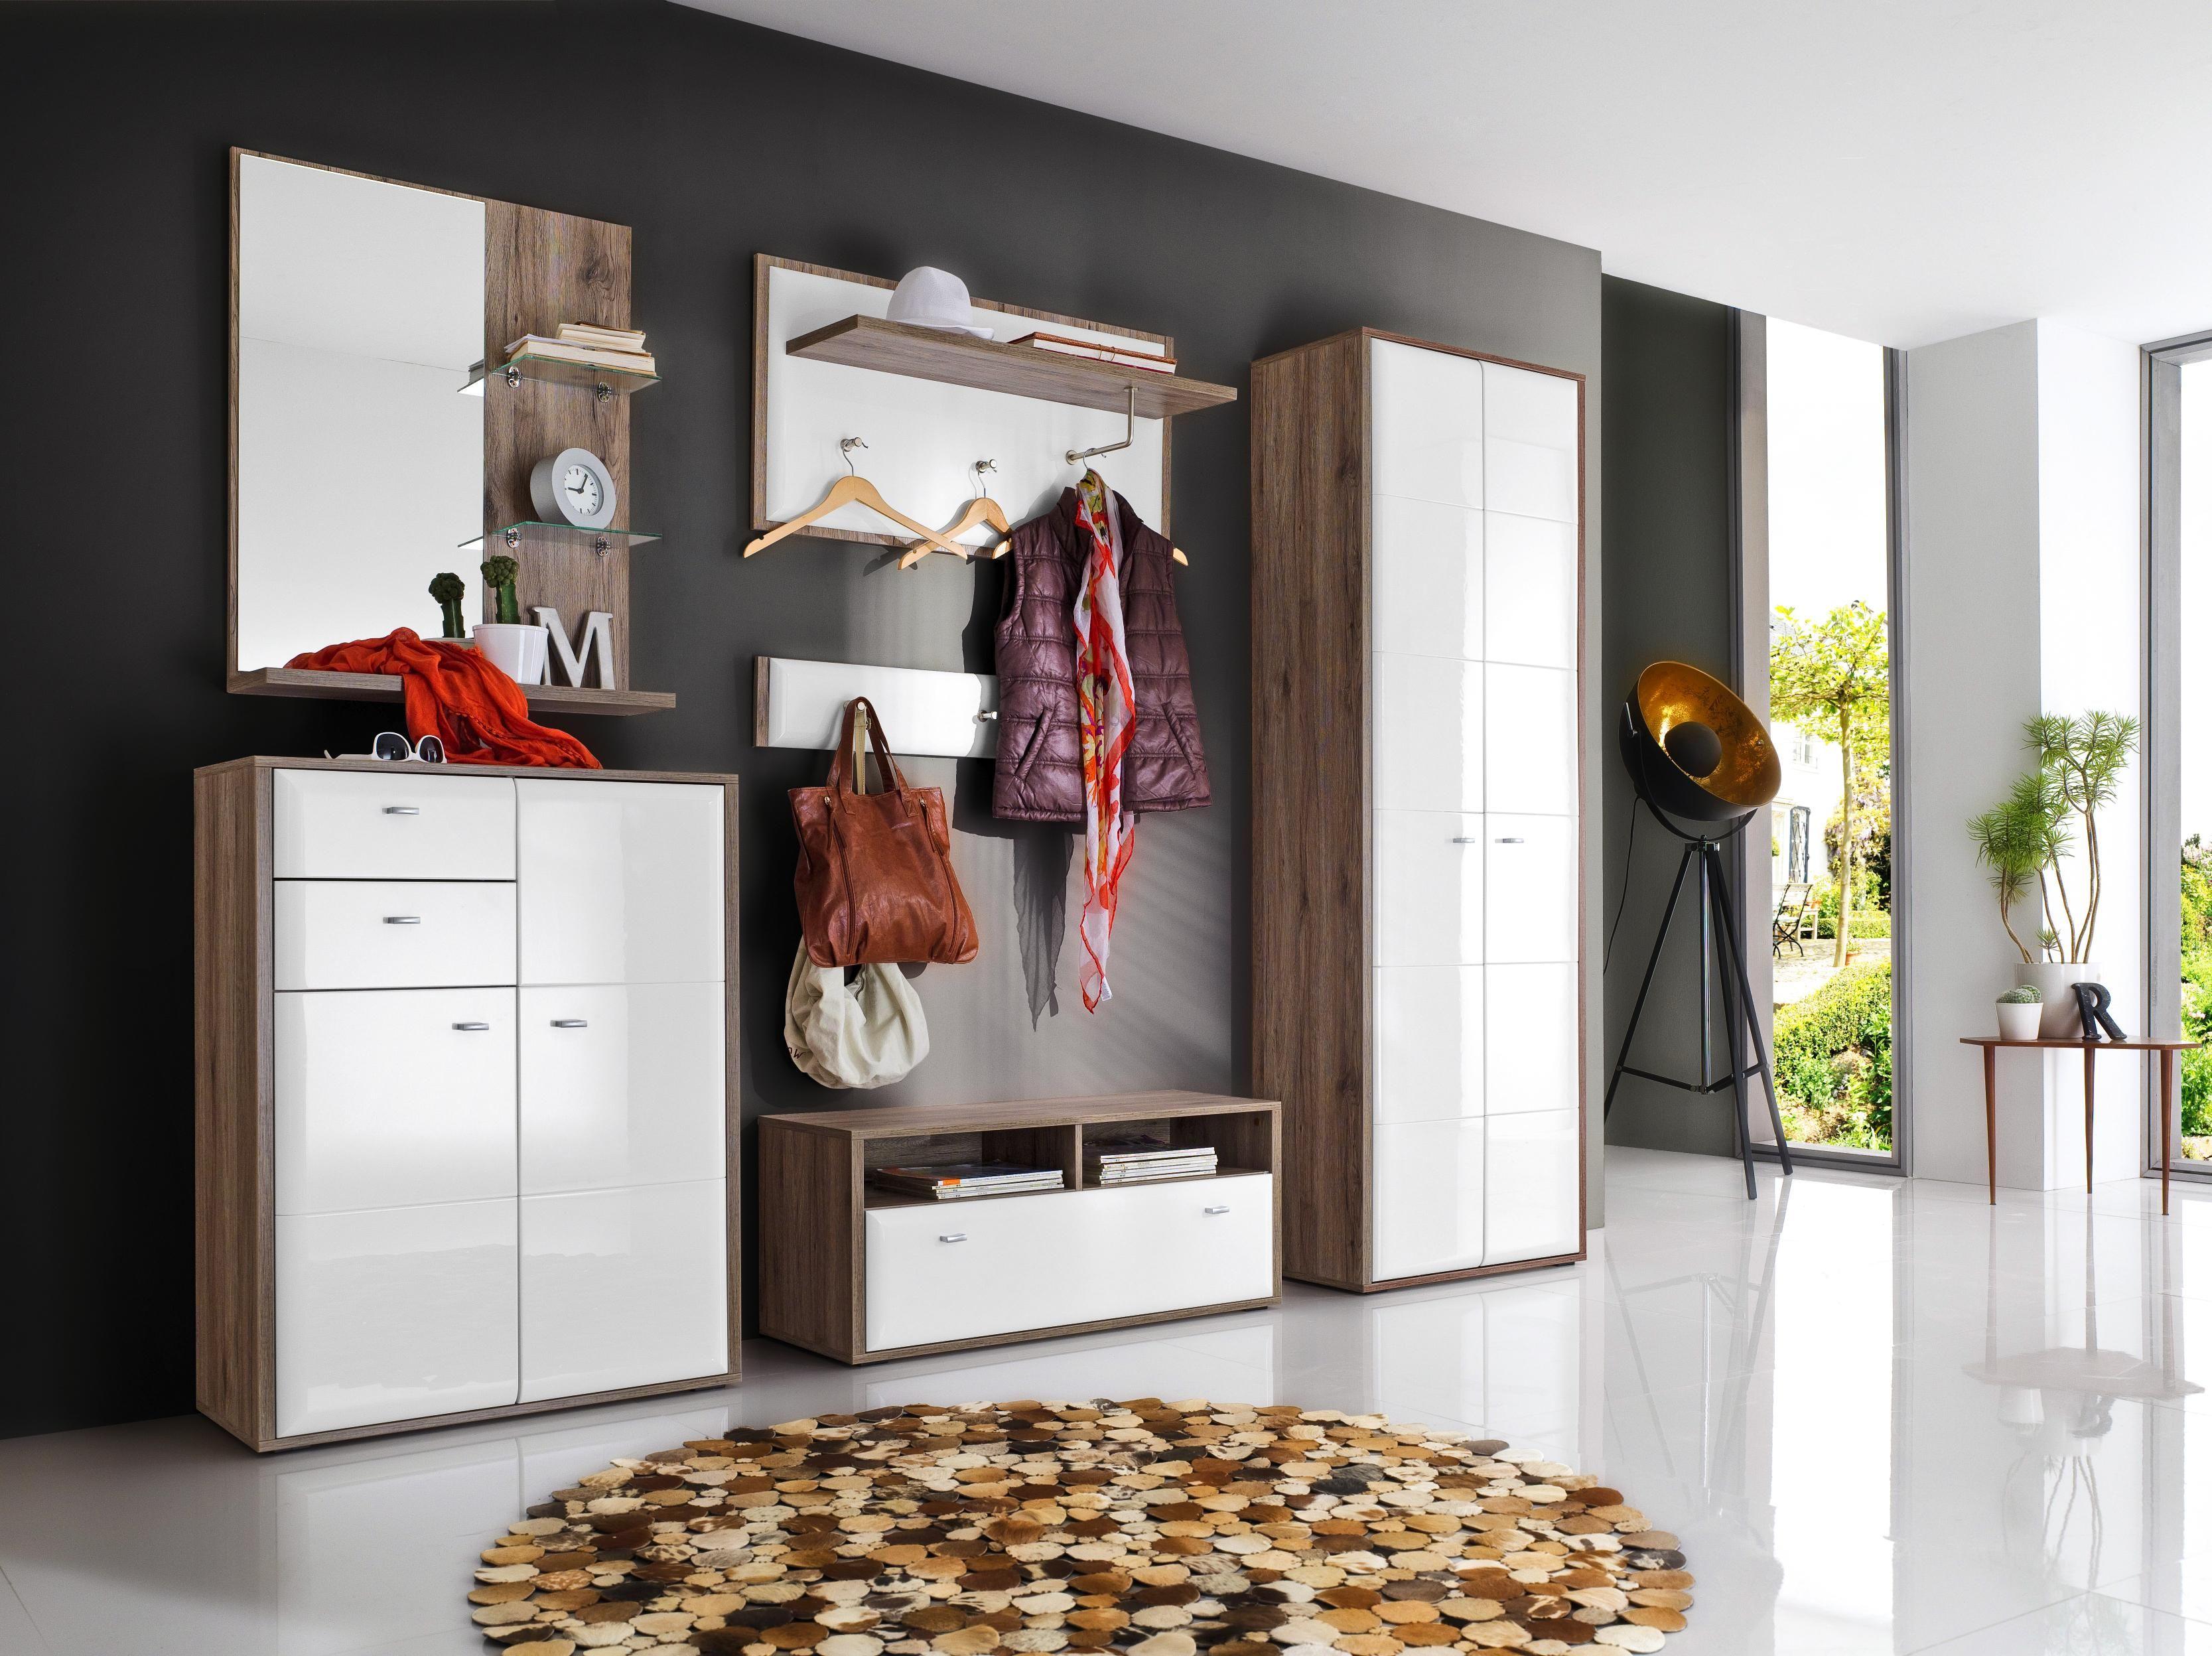 garderobe gaderobe garderobenset garderobe und wei e. Black Bedroom Furniture Sets. Home Design Ideas